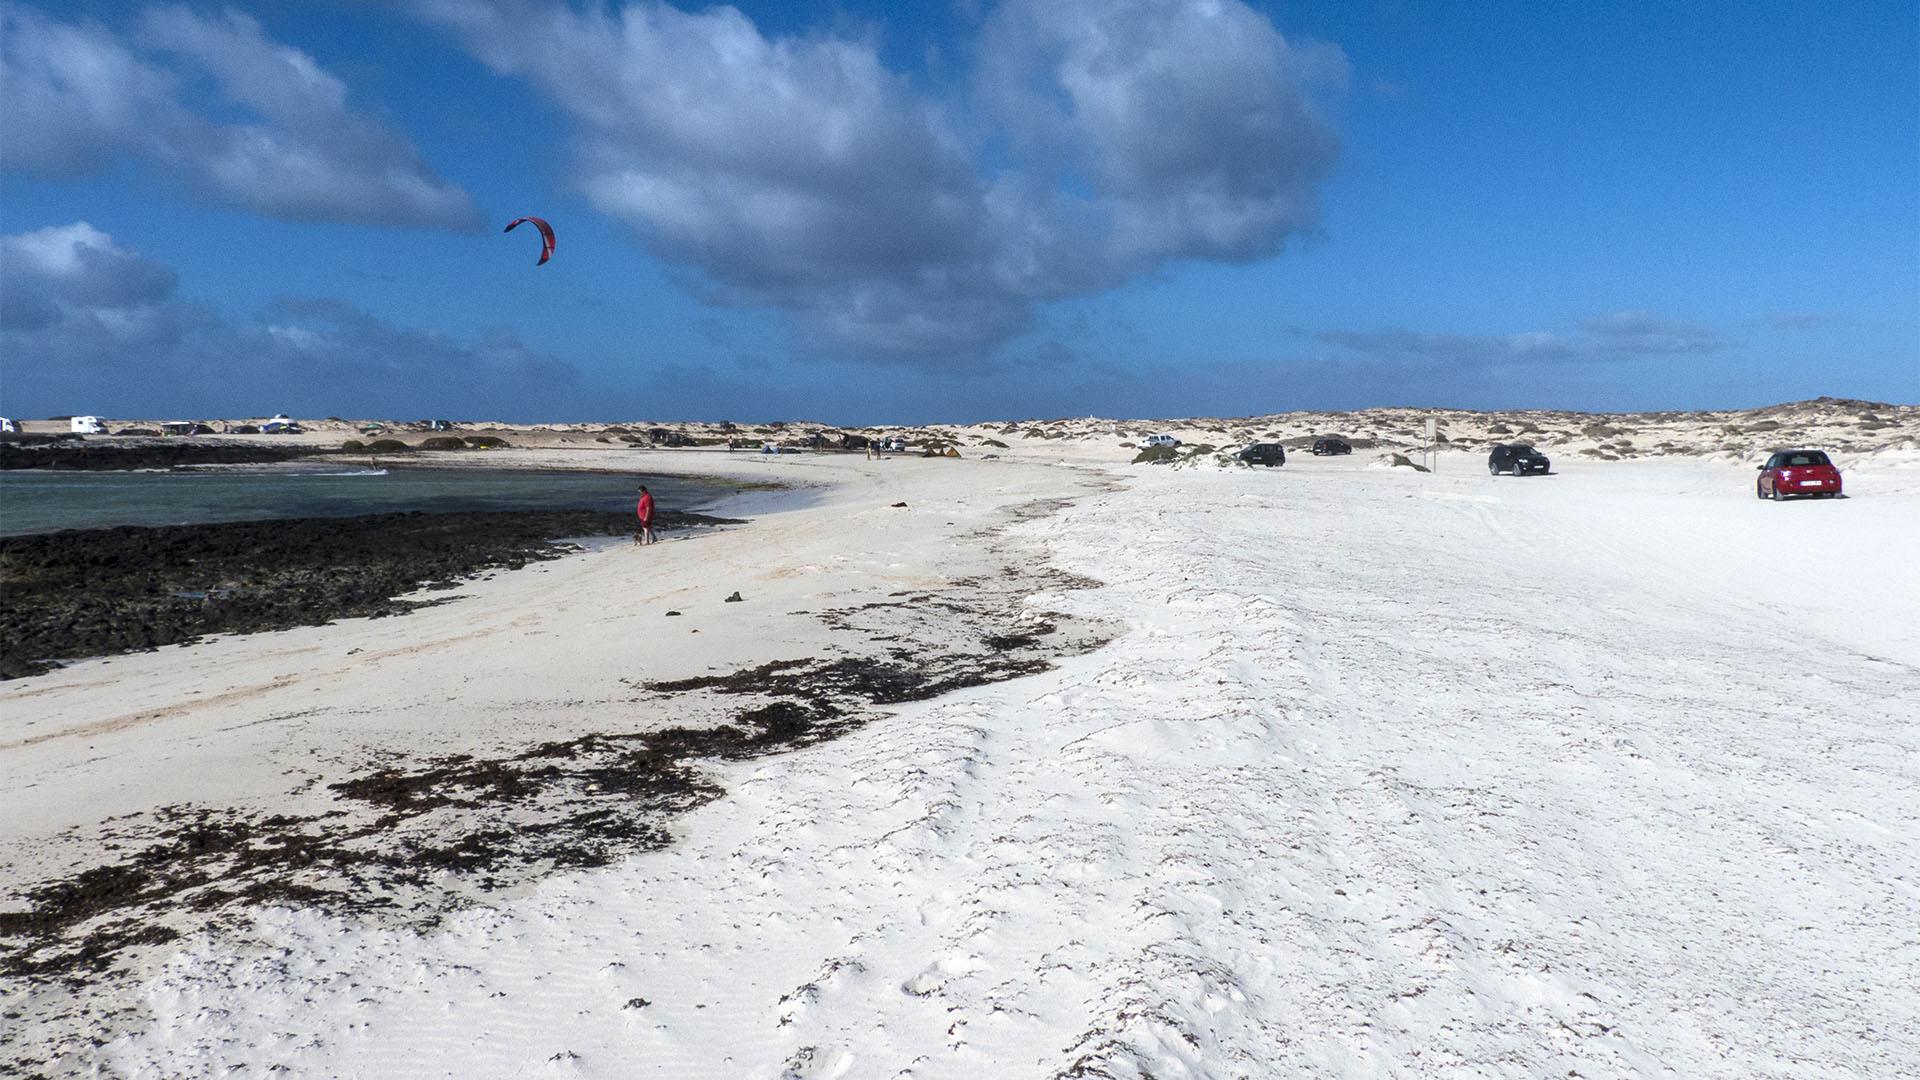 Die Strände Fuerteventuras: Caleta del Marrajo